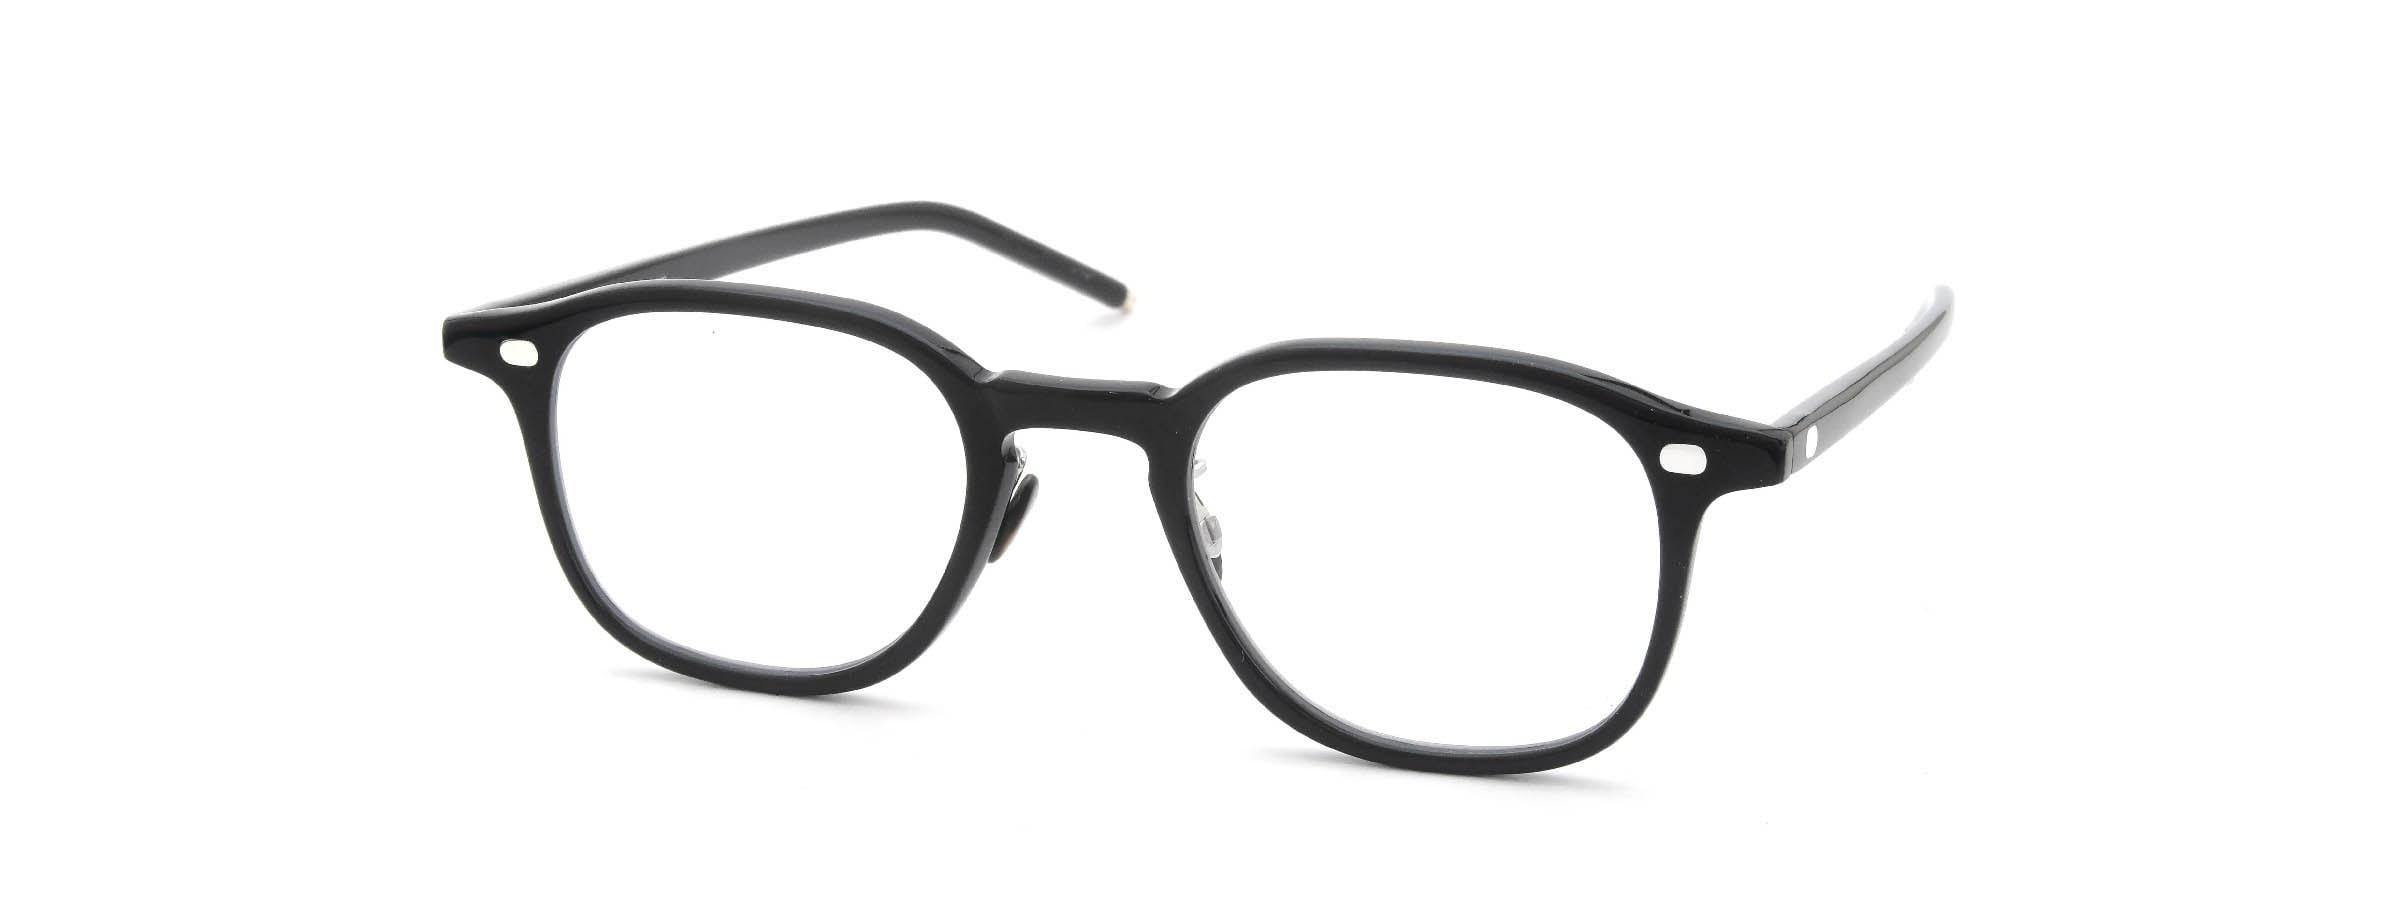 10 eyevan NO.7 Ⅲ 47size  c.1002S Black